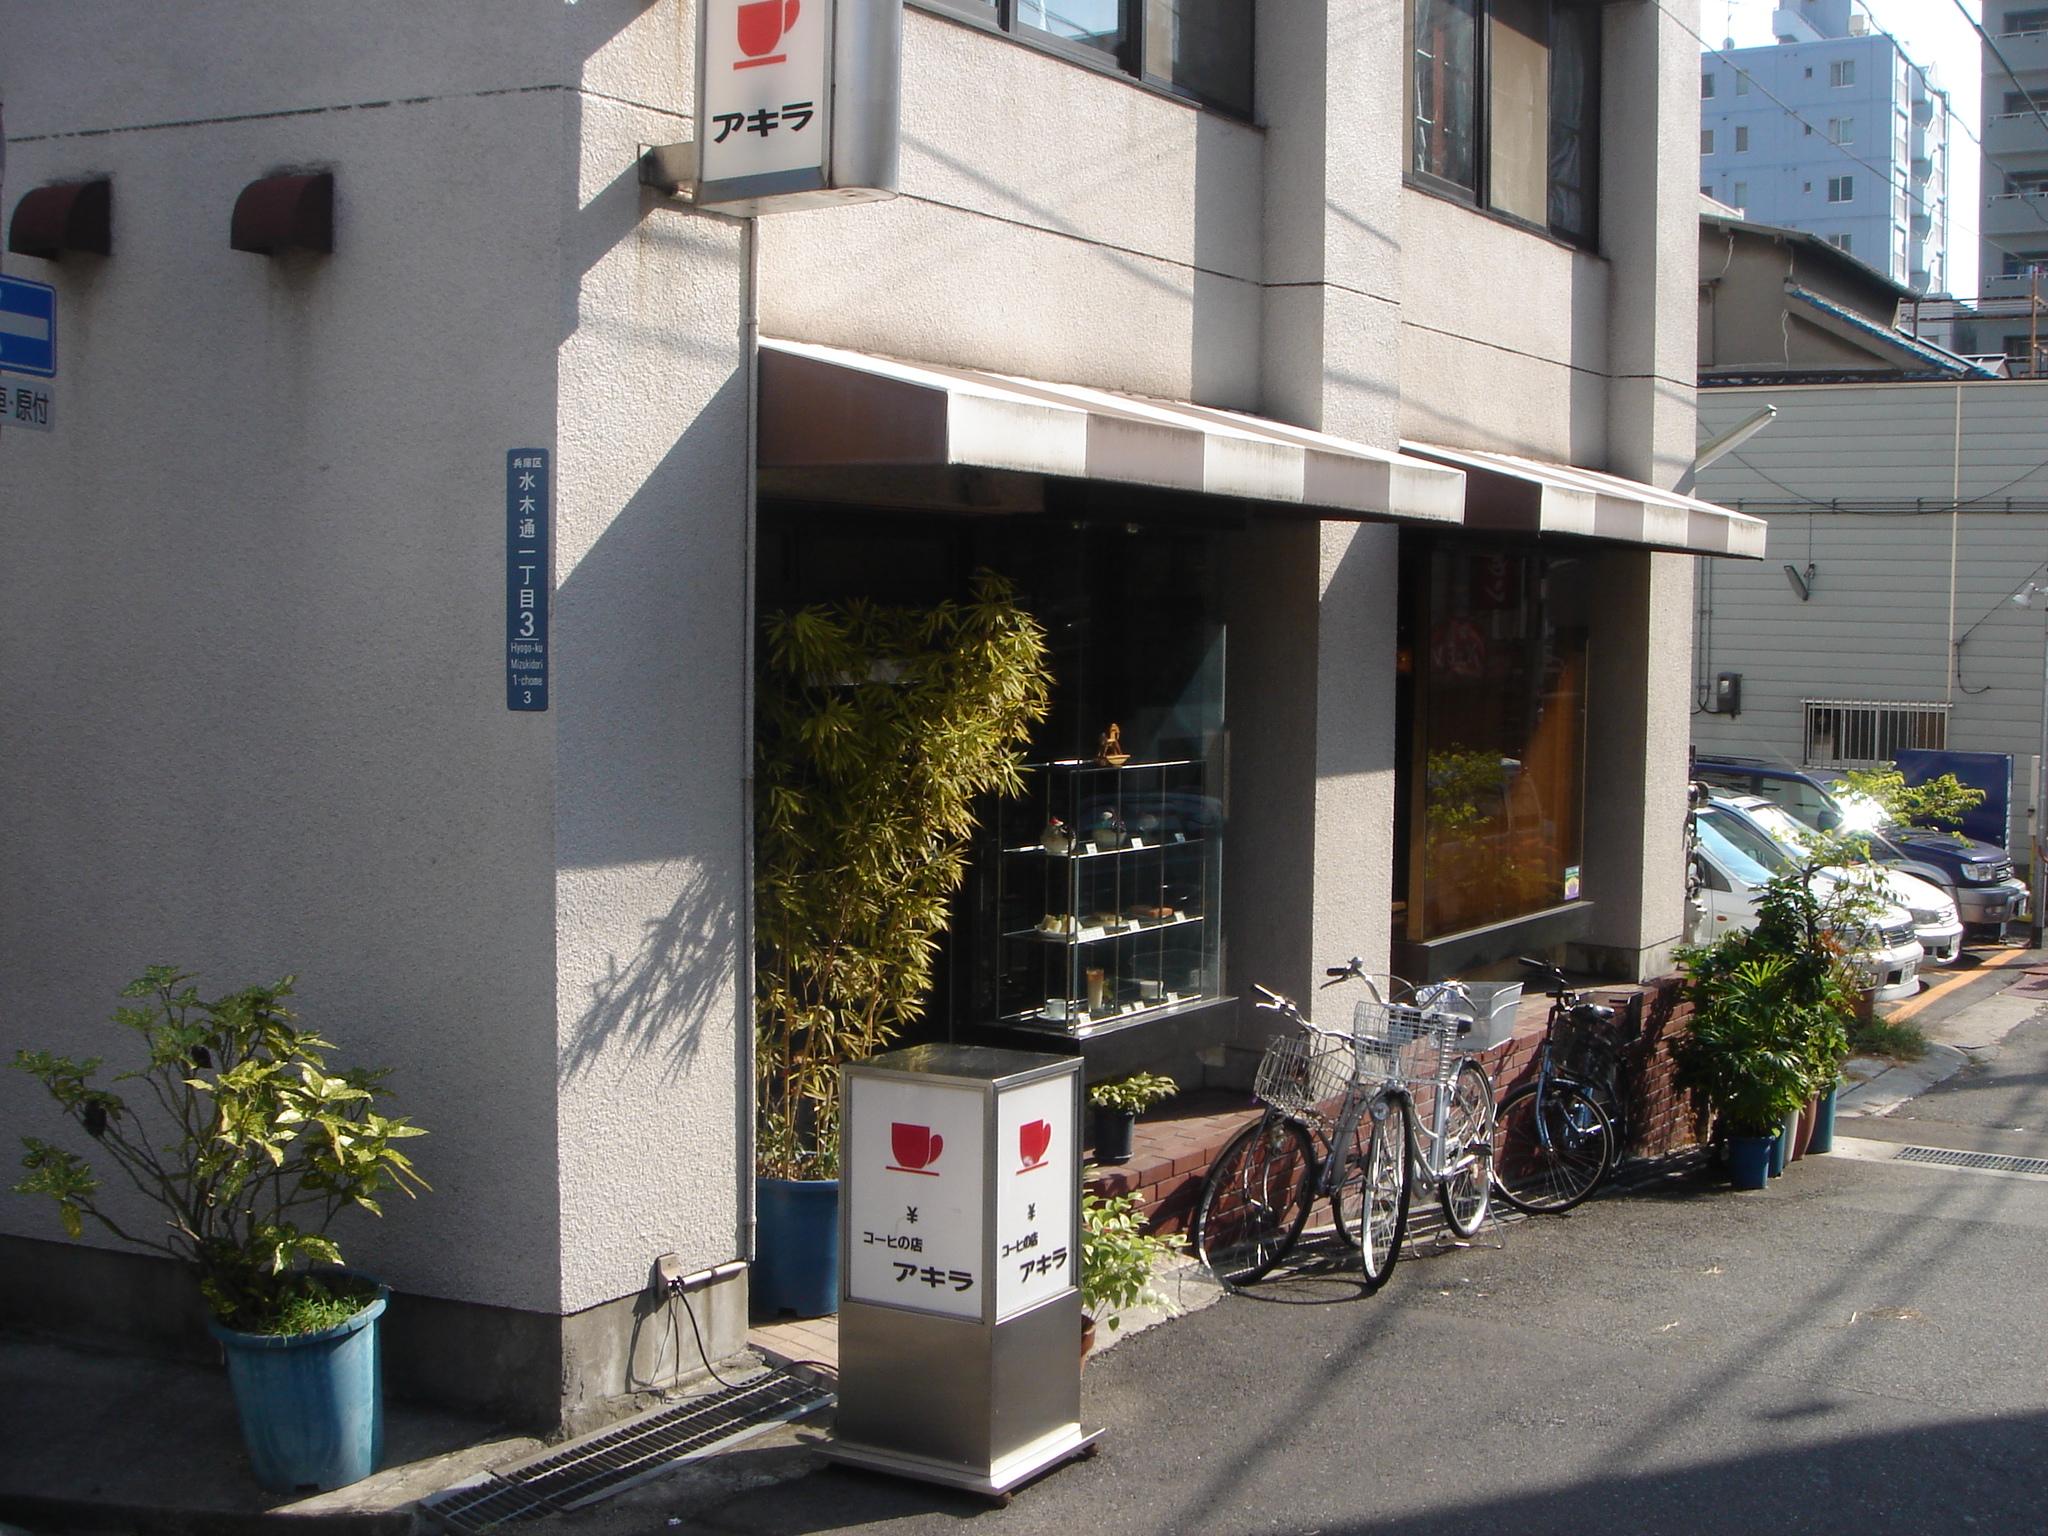 コーヒの店 アキラ ホットケーキ(兵庫/神戸/新開地)